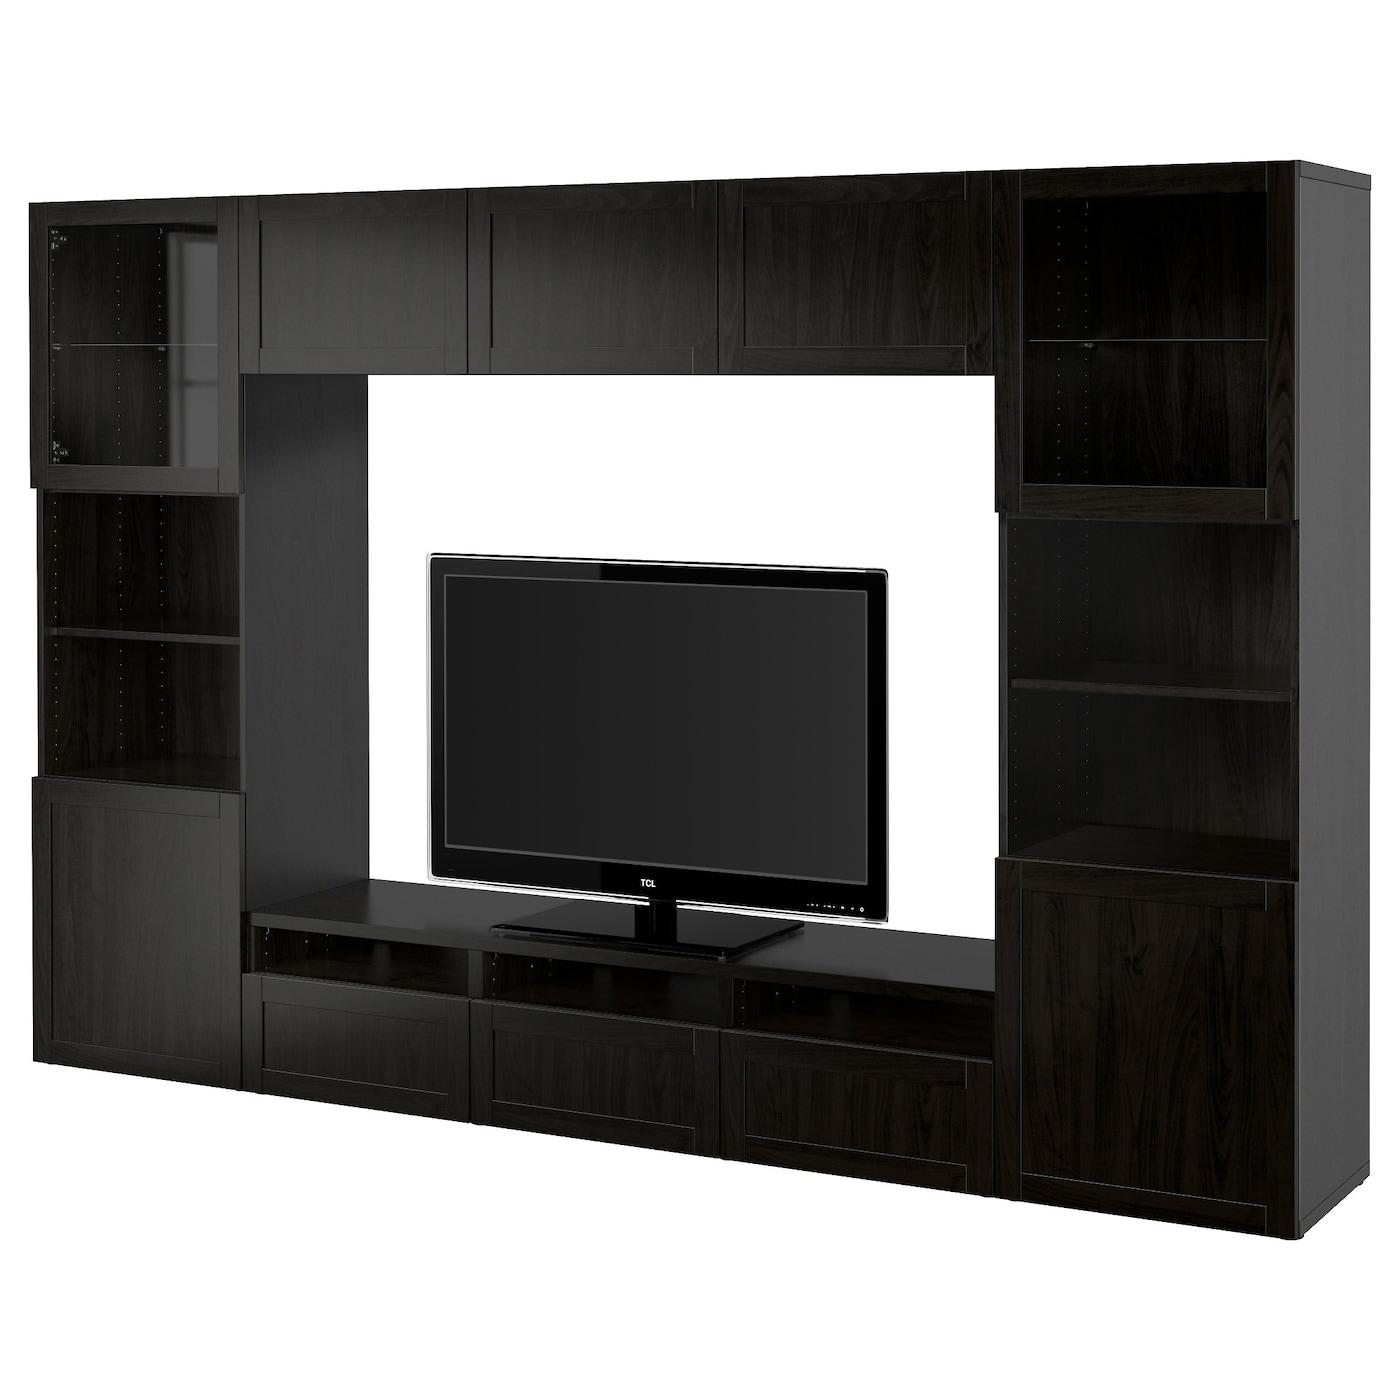 Meuble ikea besta brun noir - Meuble tv brun noir ...